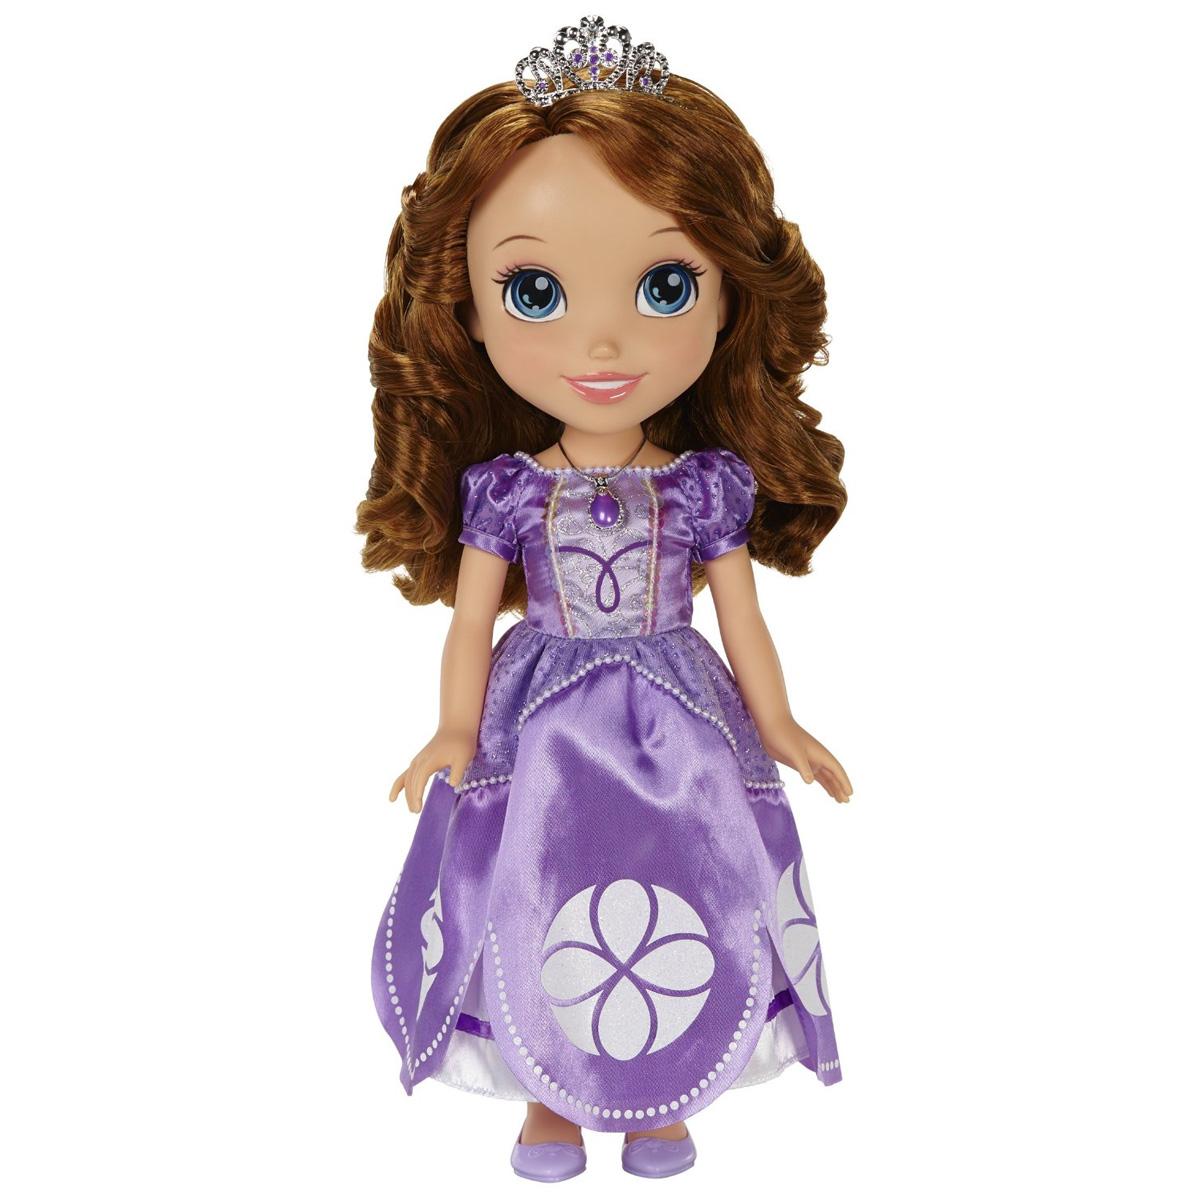 Disney Princess Кукла София цвет платья сиреневый931200Disney Princess Кукла София приведет в восторг вашу малышку и не позволит ей скучать. Кукла изготовлена из прочного безопасного пластика и отличается высоким качеством исполнения. Благодаря ее добрым глазкам и задорной улыбке, вам непременно захочется улыбнуться ей в ответ. София одета в роскошное сиреневое платье принцессы, украшенное бисером, пайетками и множеством блесток. Девочке понравятся ее шелковистые каштановые волосы, их так весело заплетать и расчесывать. Также в комплект входят украшения для девочки - королевская тиара, серьги и подвеска, оформленные в неповторимом стиле принцессы Софии. Disney Princess Кукла София подарит девочке неограниченный простор для фантазии и игр, малышка сможет часами играть с ней, придумывая различные истории и разыгрывая сцены из мультфильма.